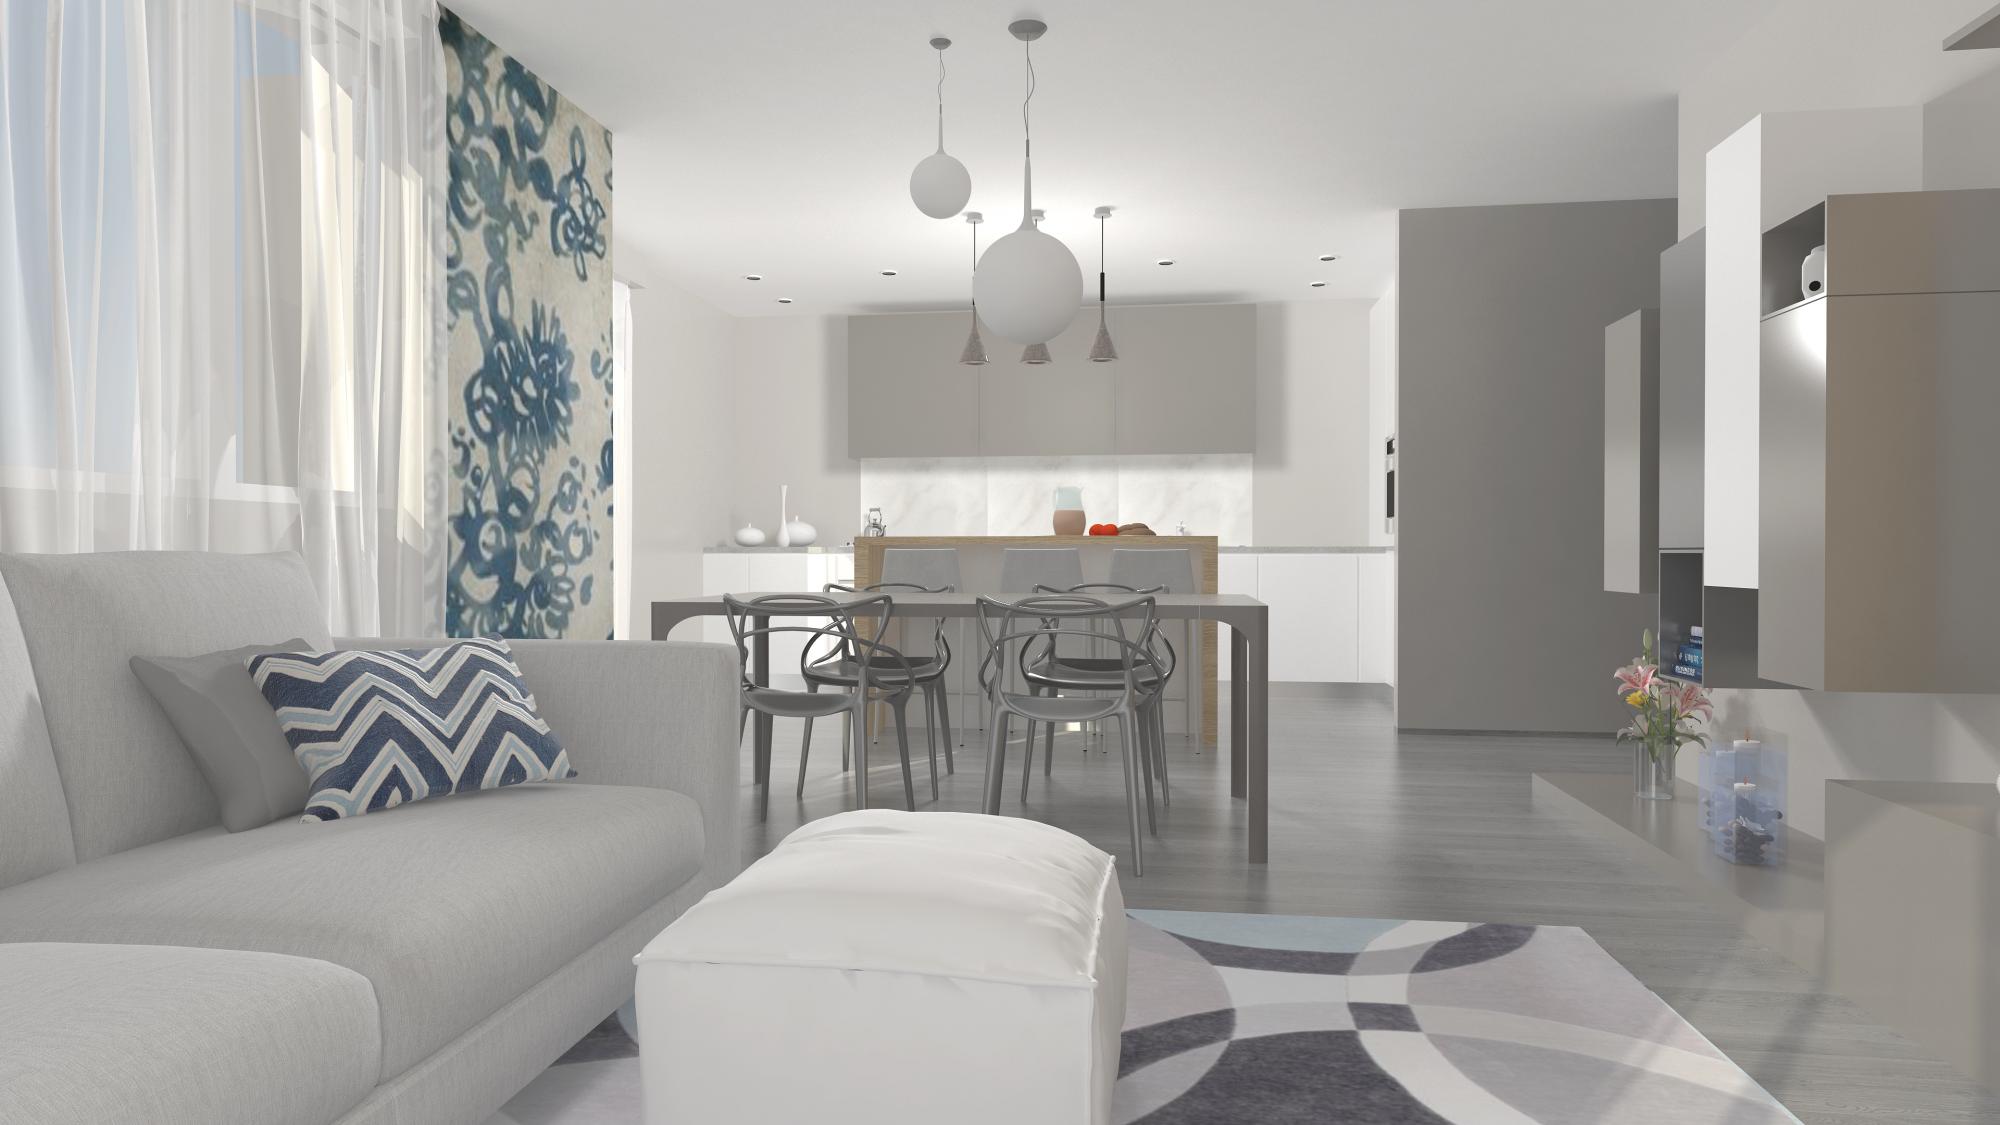 Villa indipendente per una giovane famiglia easyrelooking - Soggiorno in francese ...